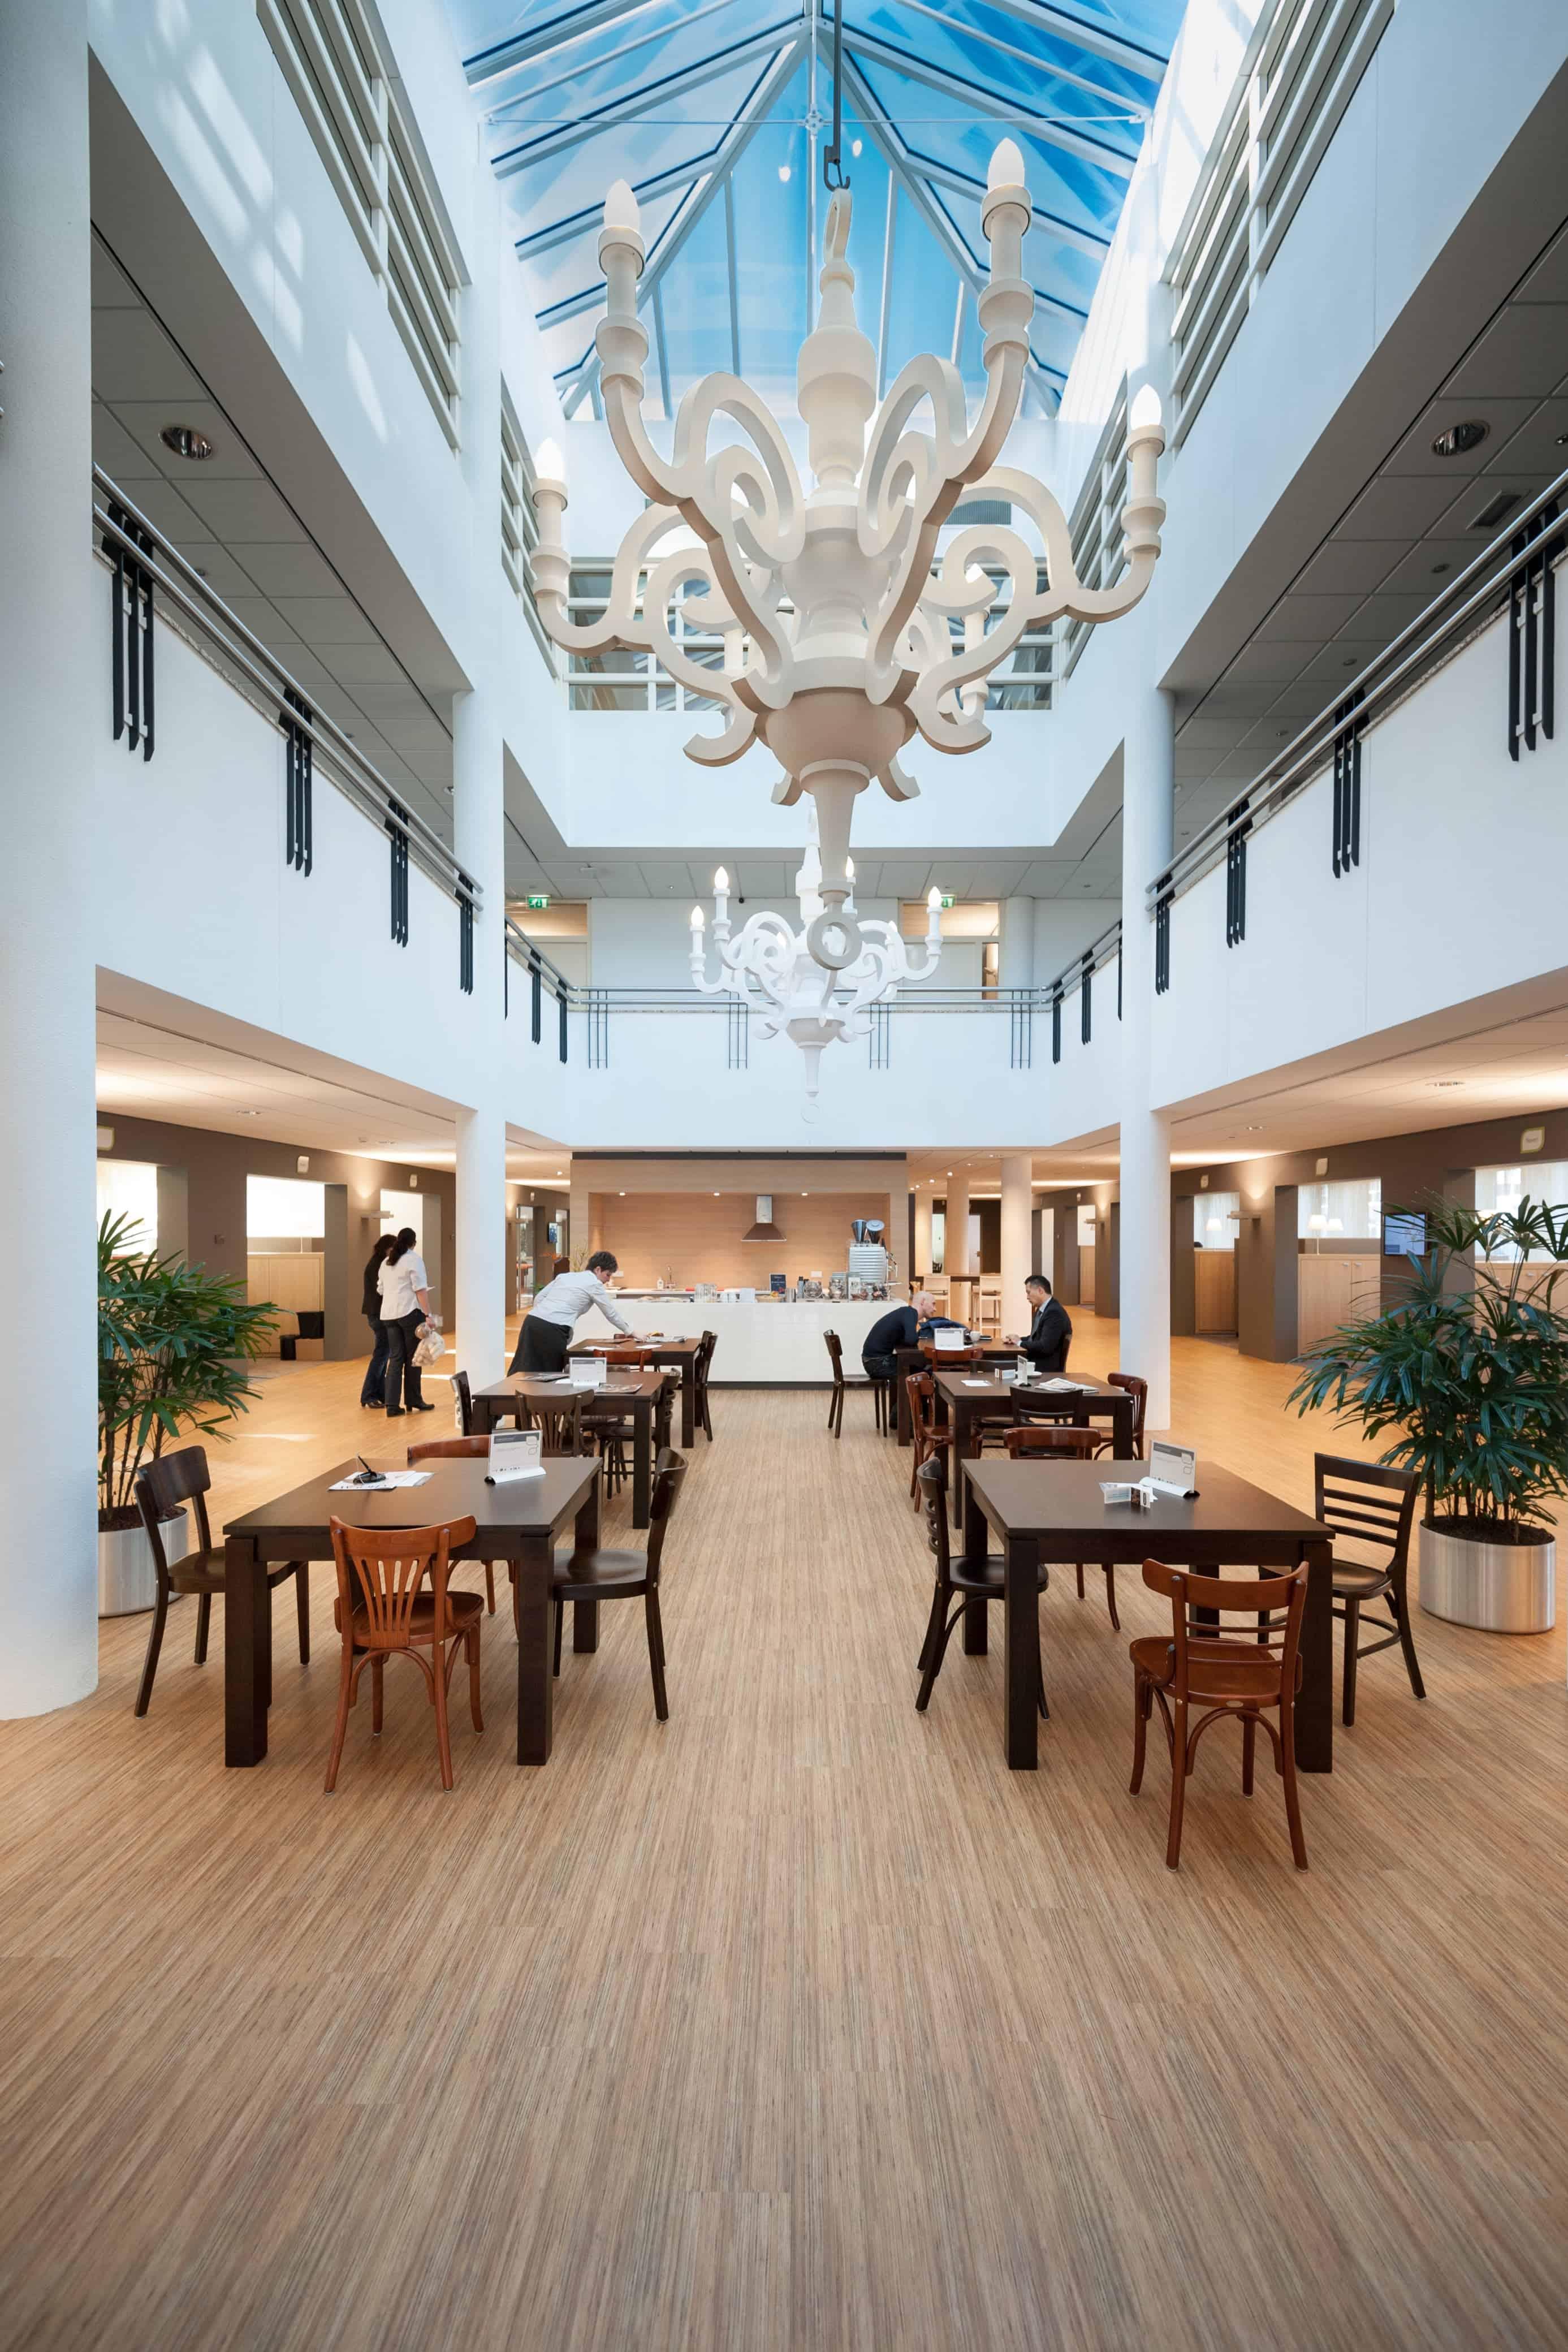 Ruime lichte open ruimte als ontmoetingsplek voor ondernemers in Amersfoort ontwerp door Stan van den Wildenberg